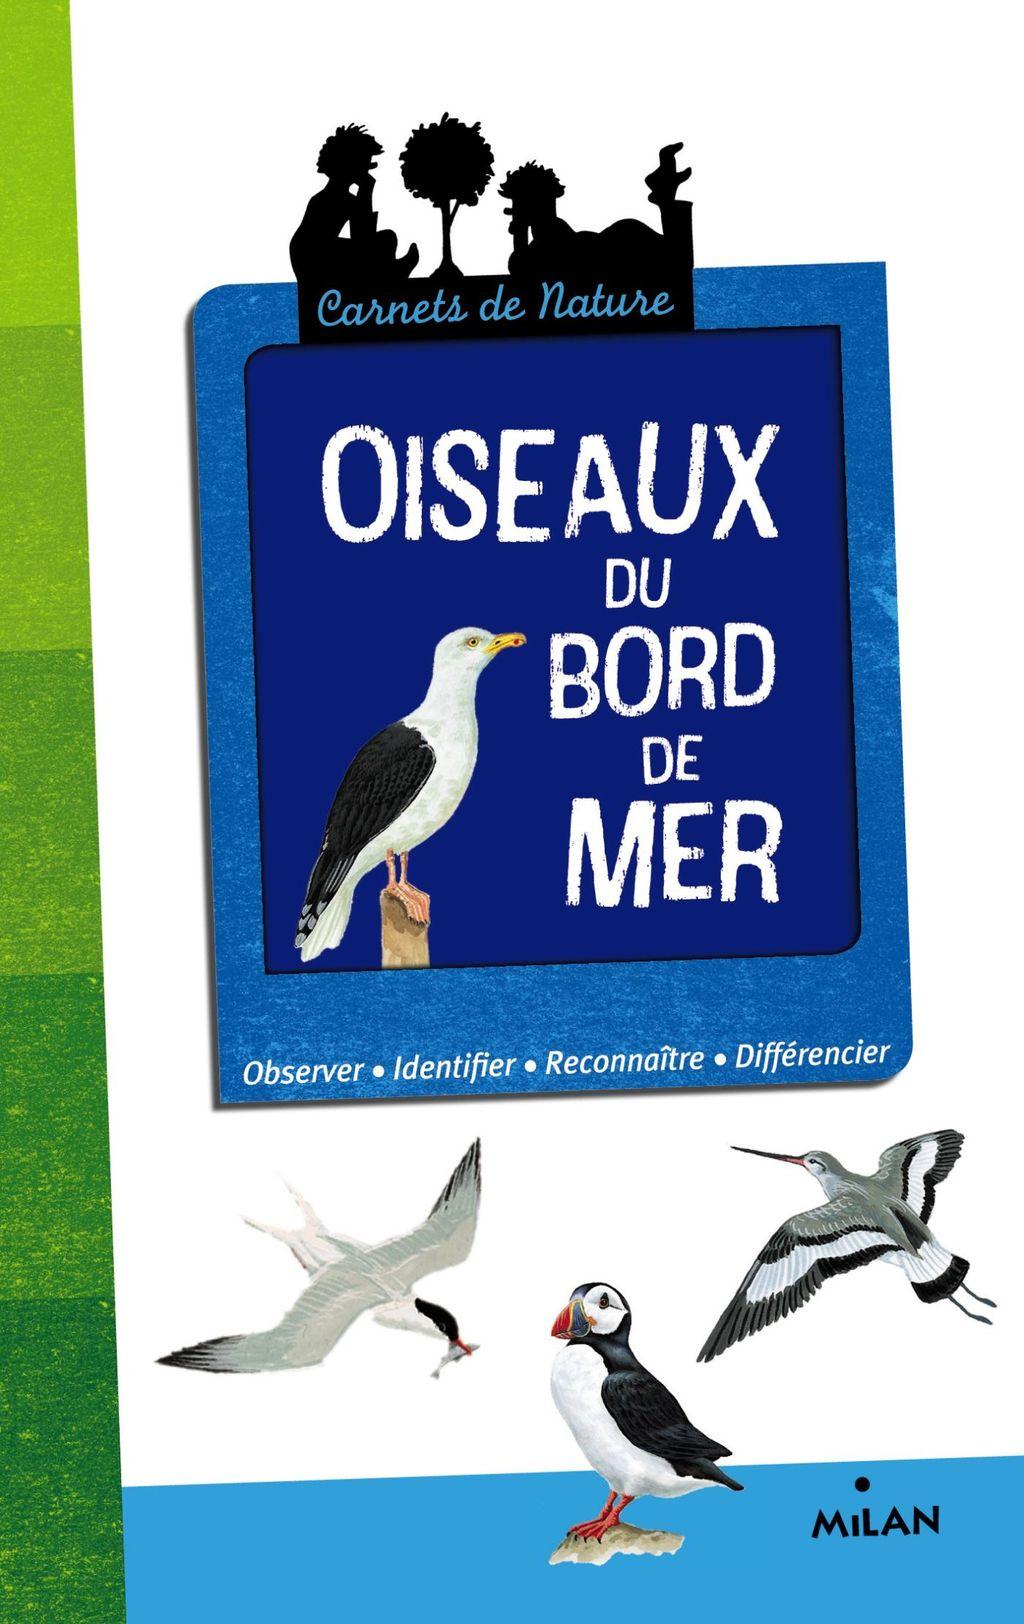 «Oiseaux du bord de mer» cover